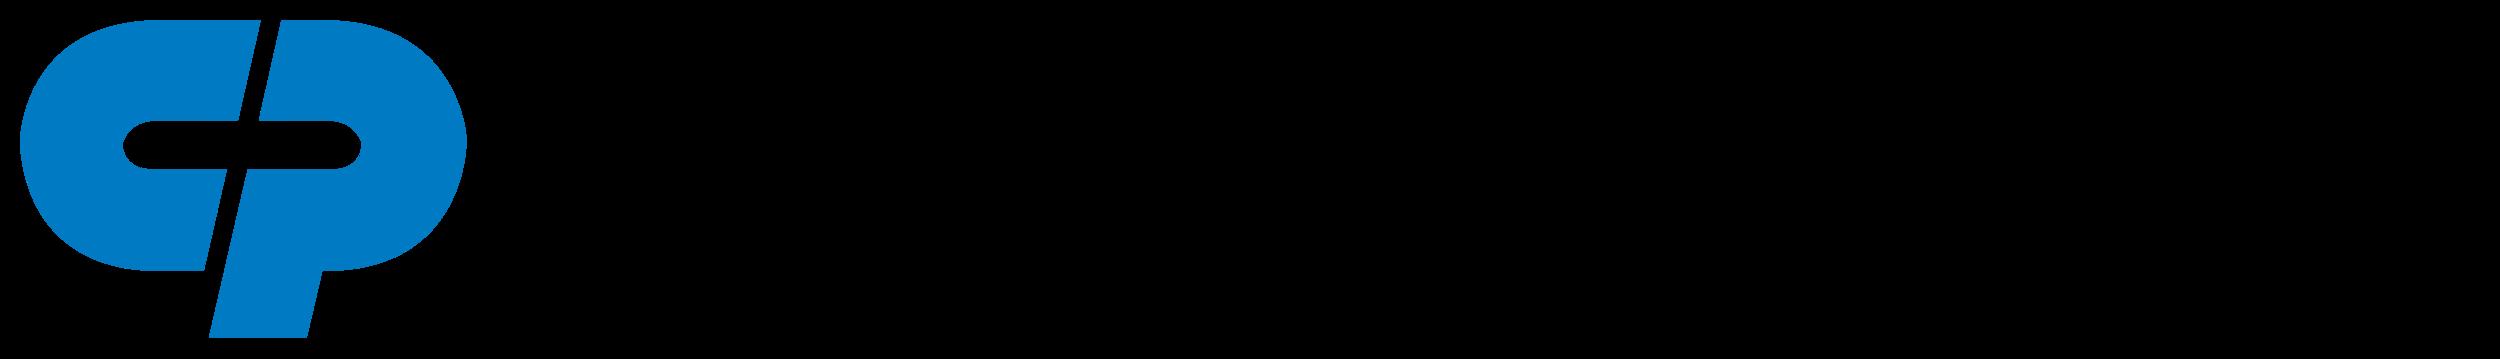 Colgate_palmolive_logo_emblem_logotype.png